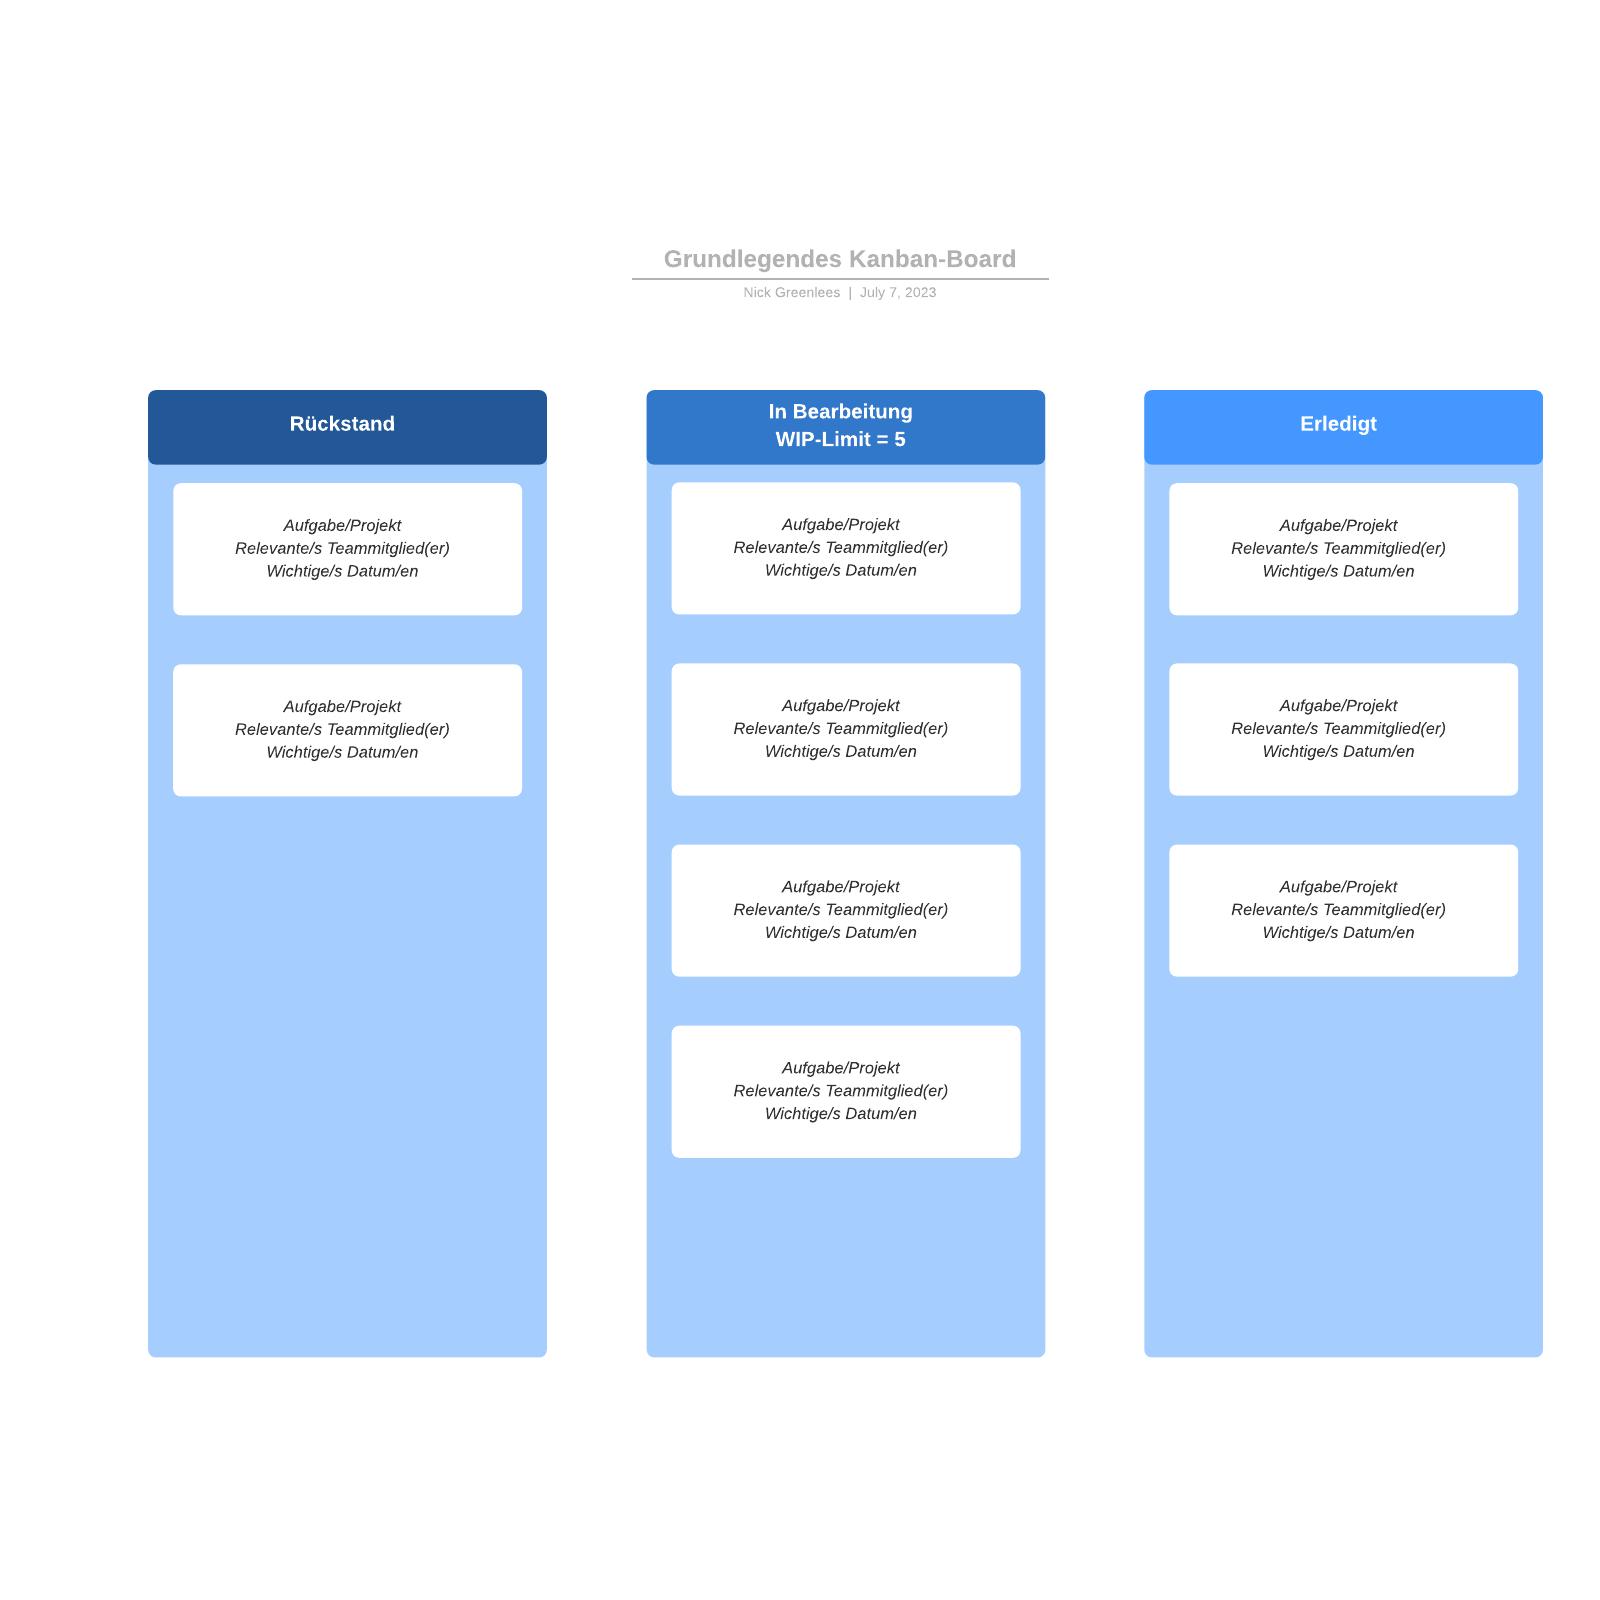 Grundlegendes Kanban-Board